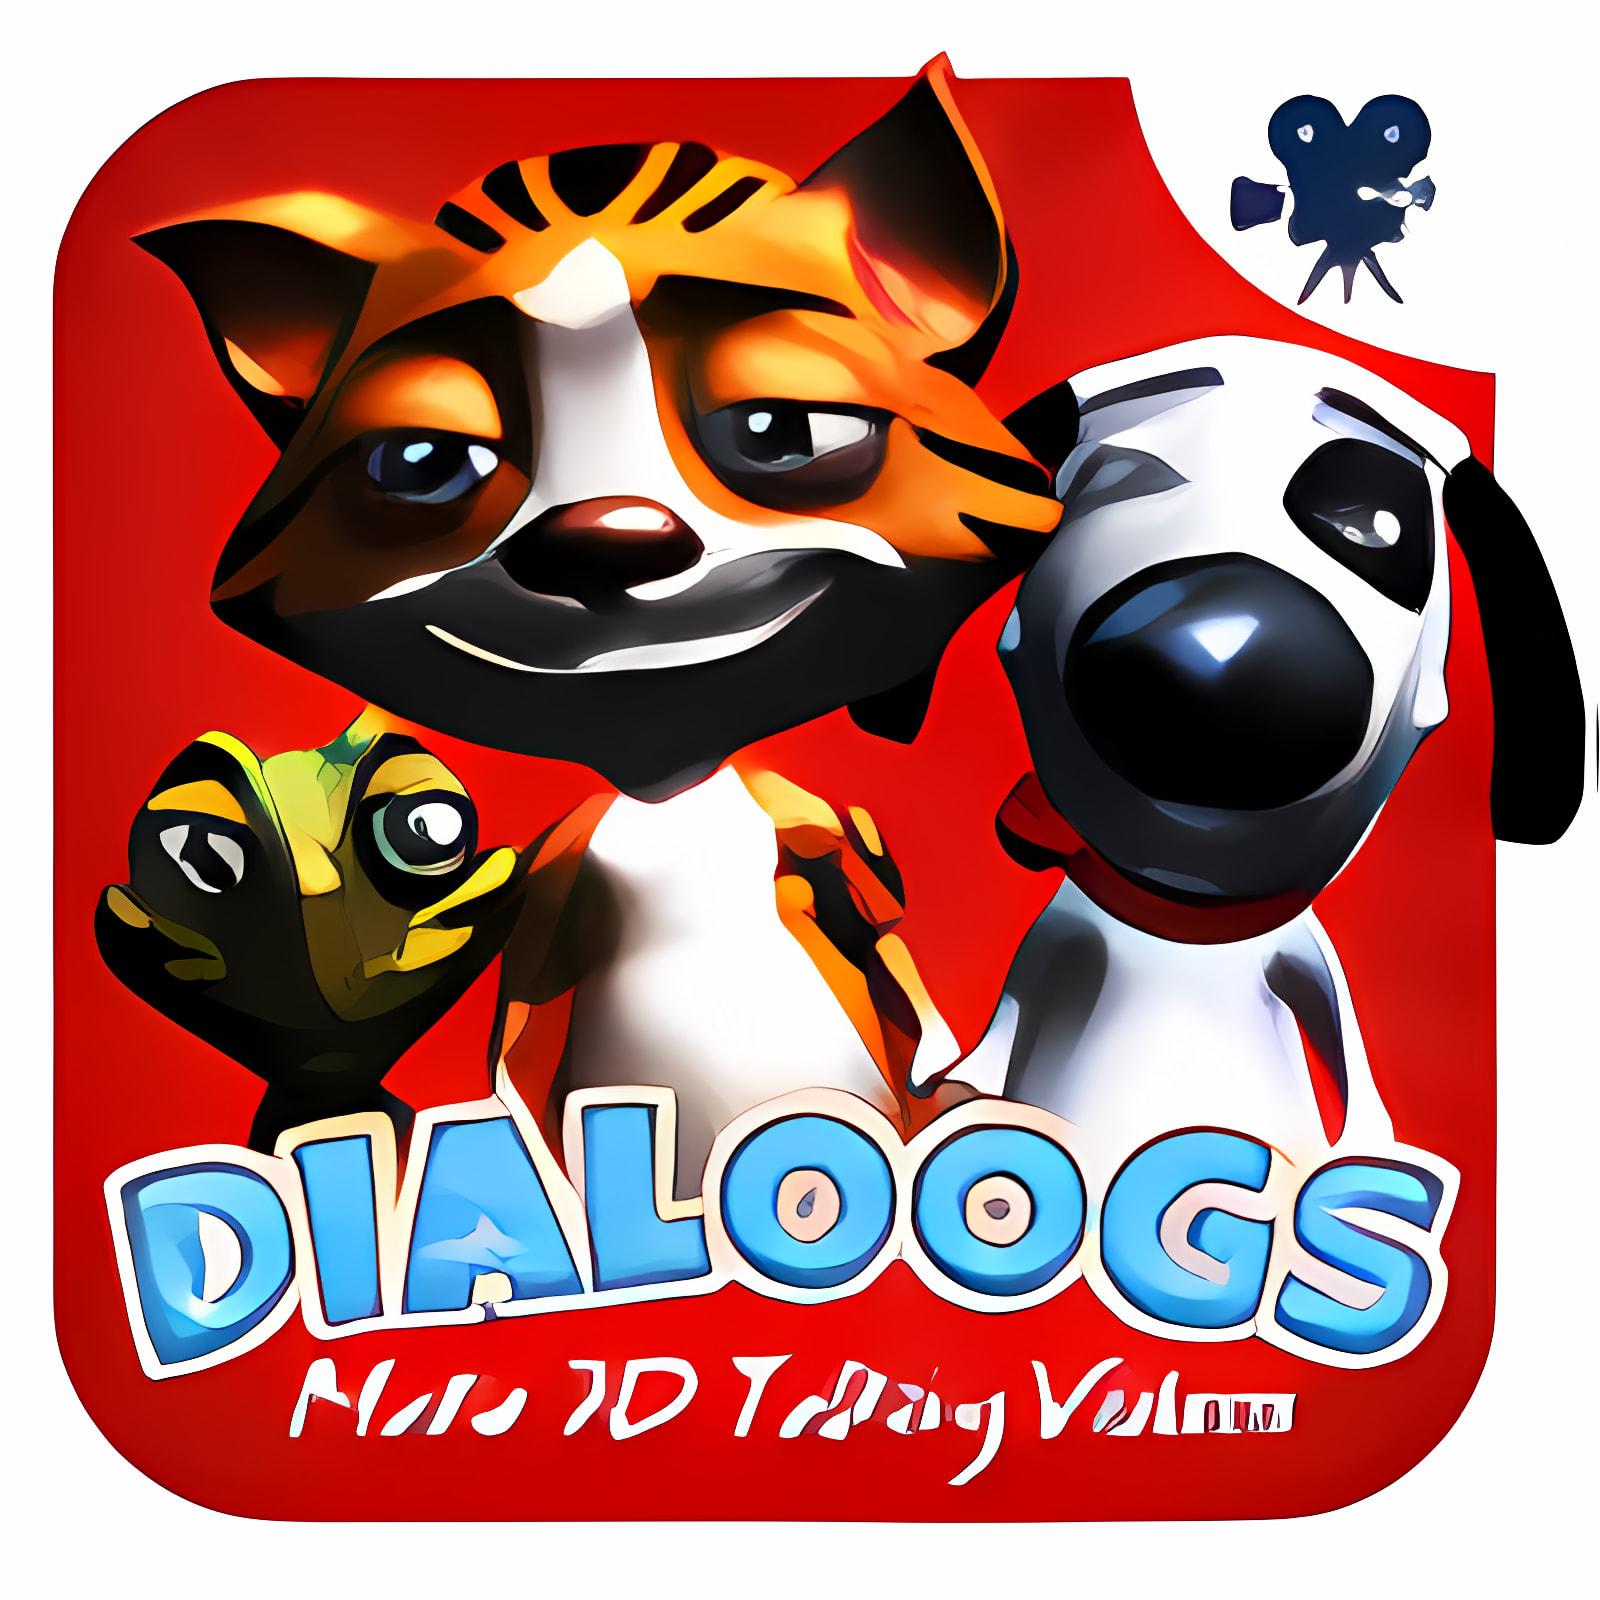 Dialoogs- 3D vídeos que hablan